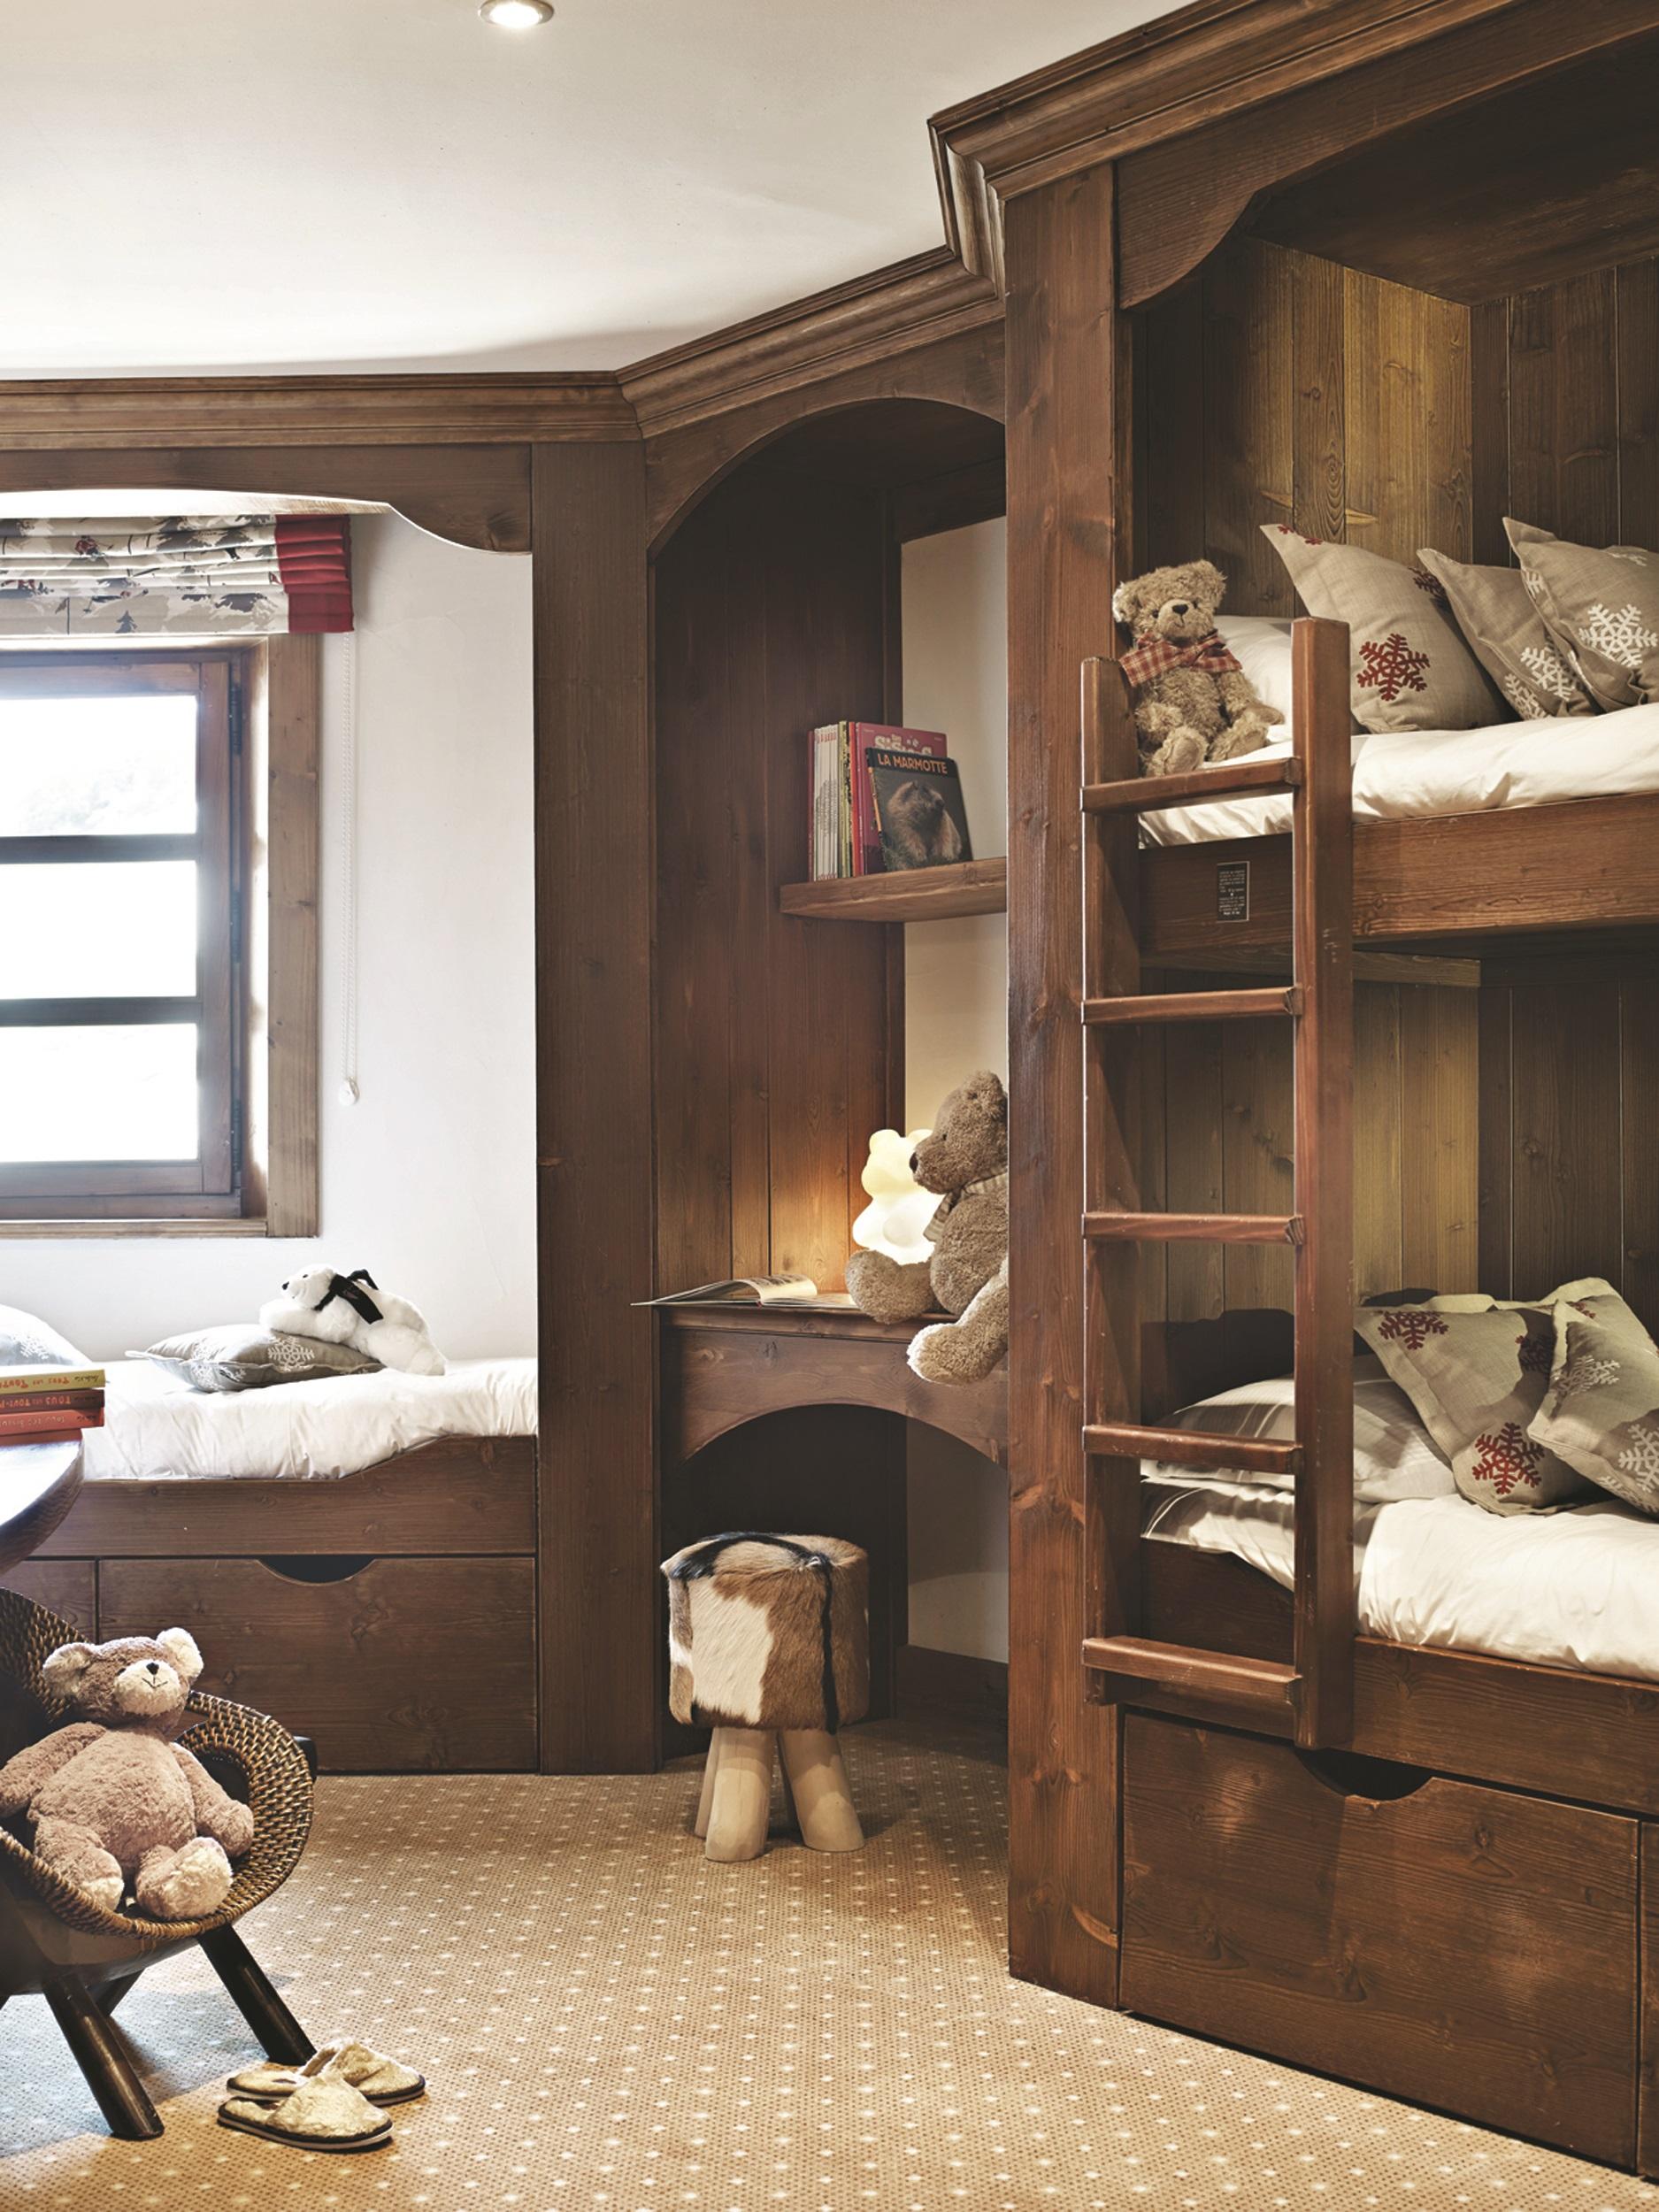 23_Suite_de_l'Ourson_Chambre_enfants_-_Ourson_bear_cub_Suite[1].jpg